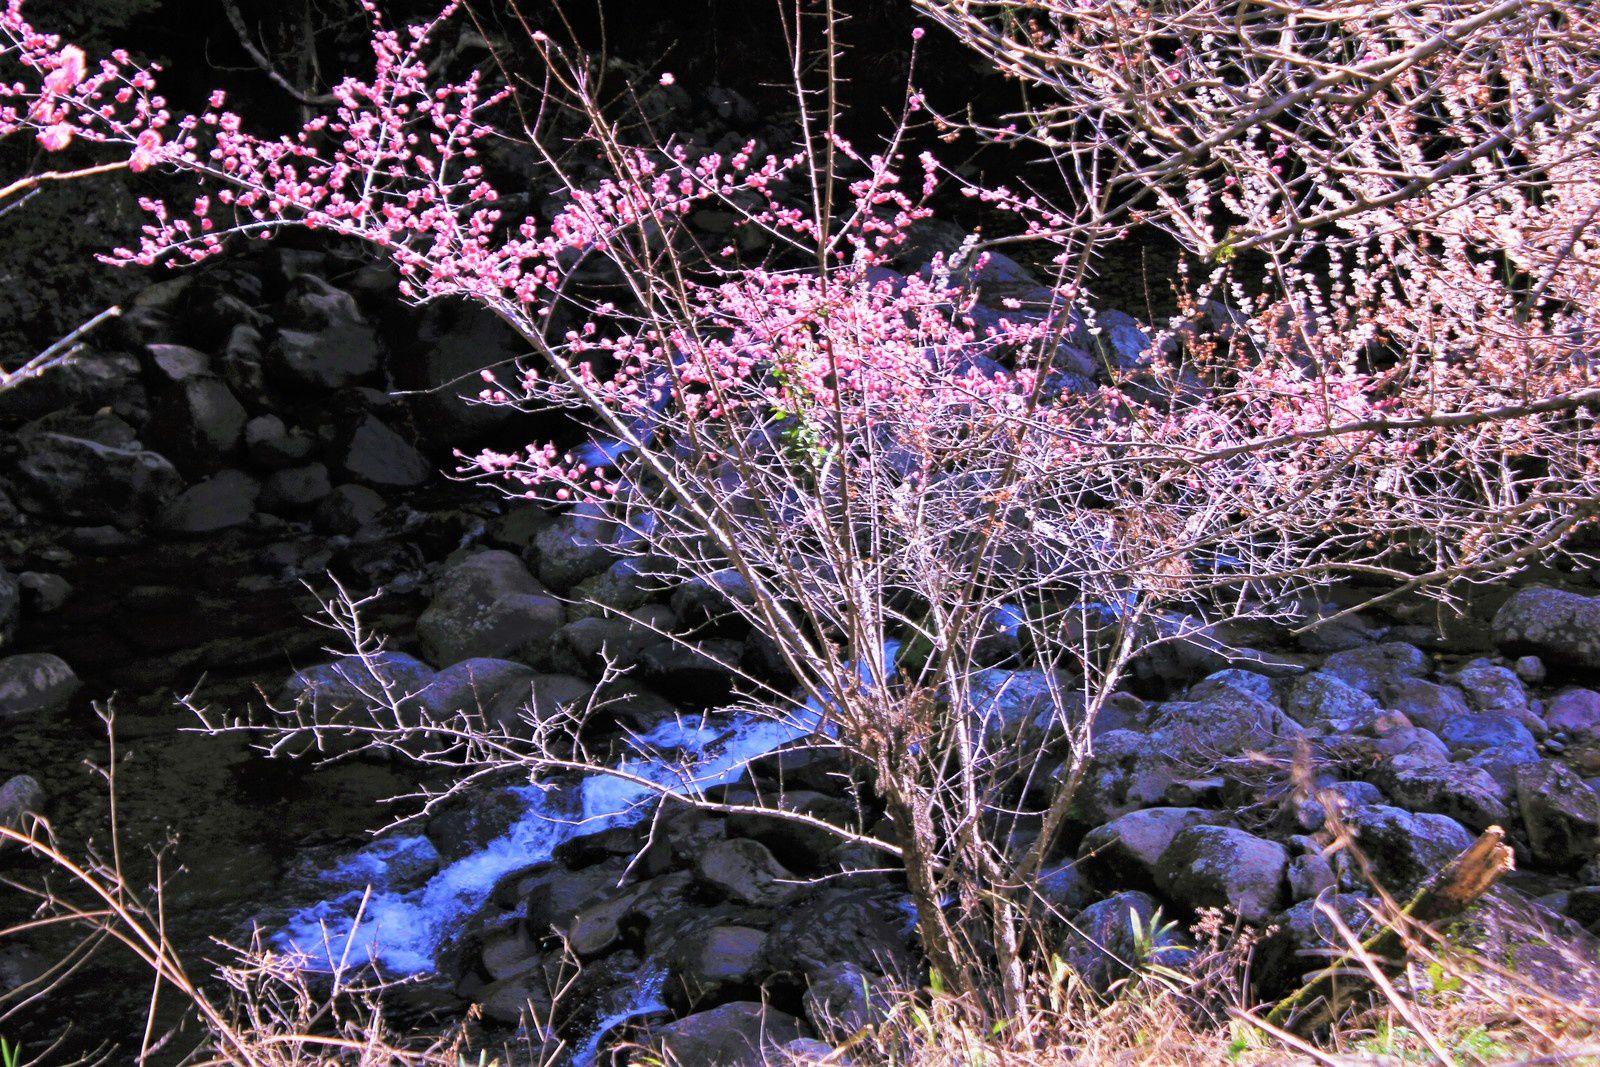 Au revoir, jolies fleurs d'abricotiers!